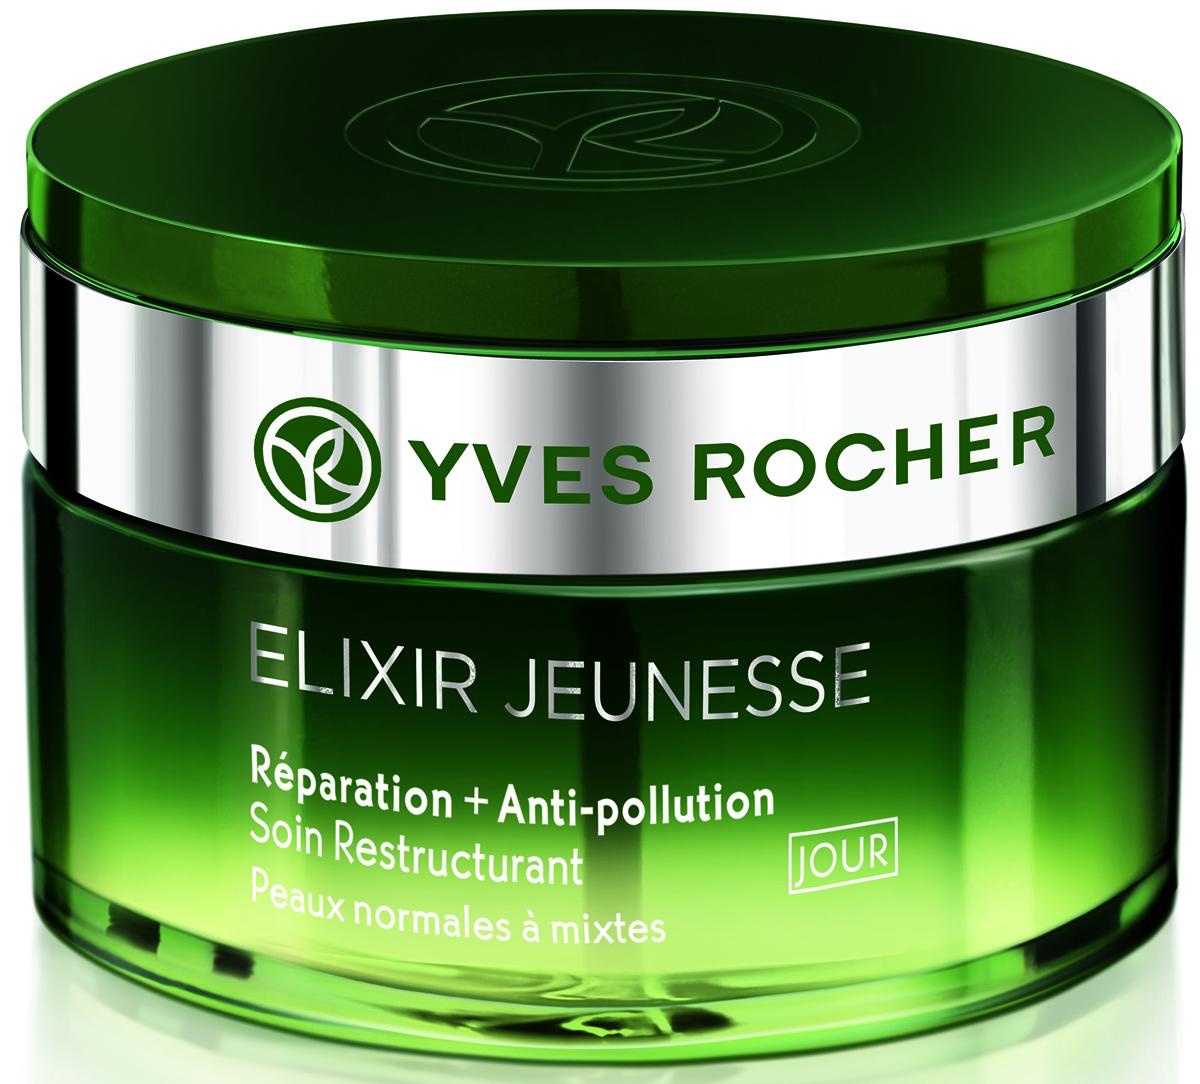 Фото Yves Rocher дневной крем: восстановление + защита от негативных факторов окружающей среды, 50 мл